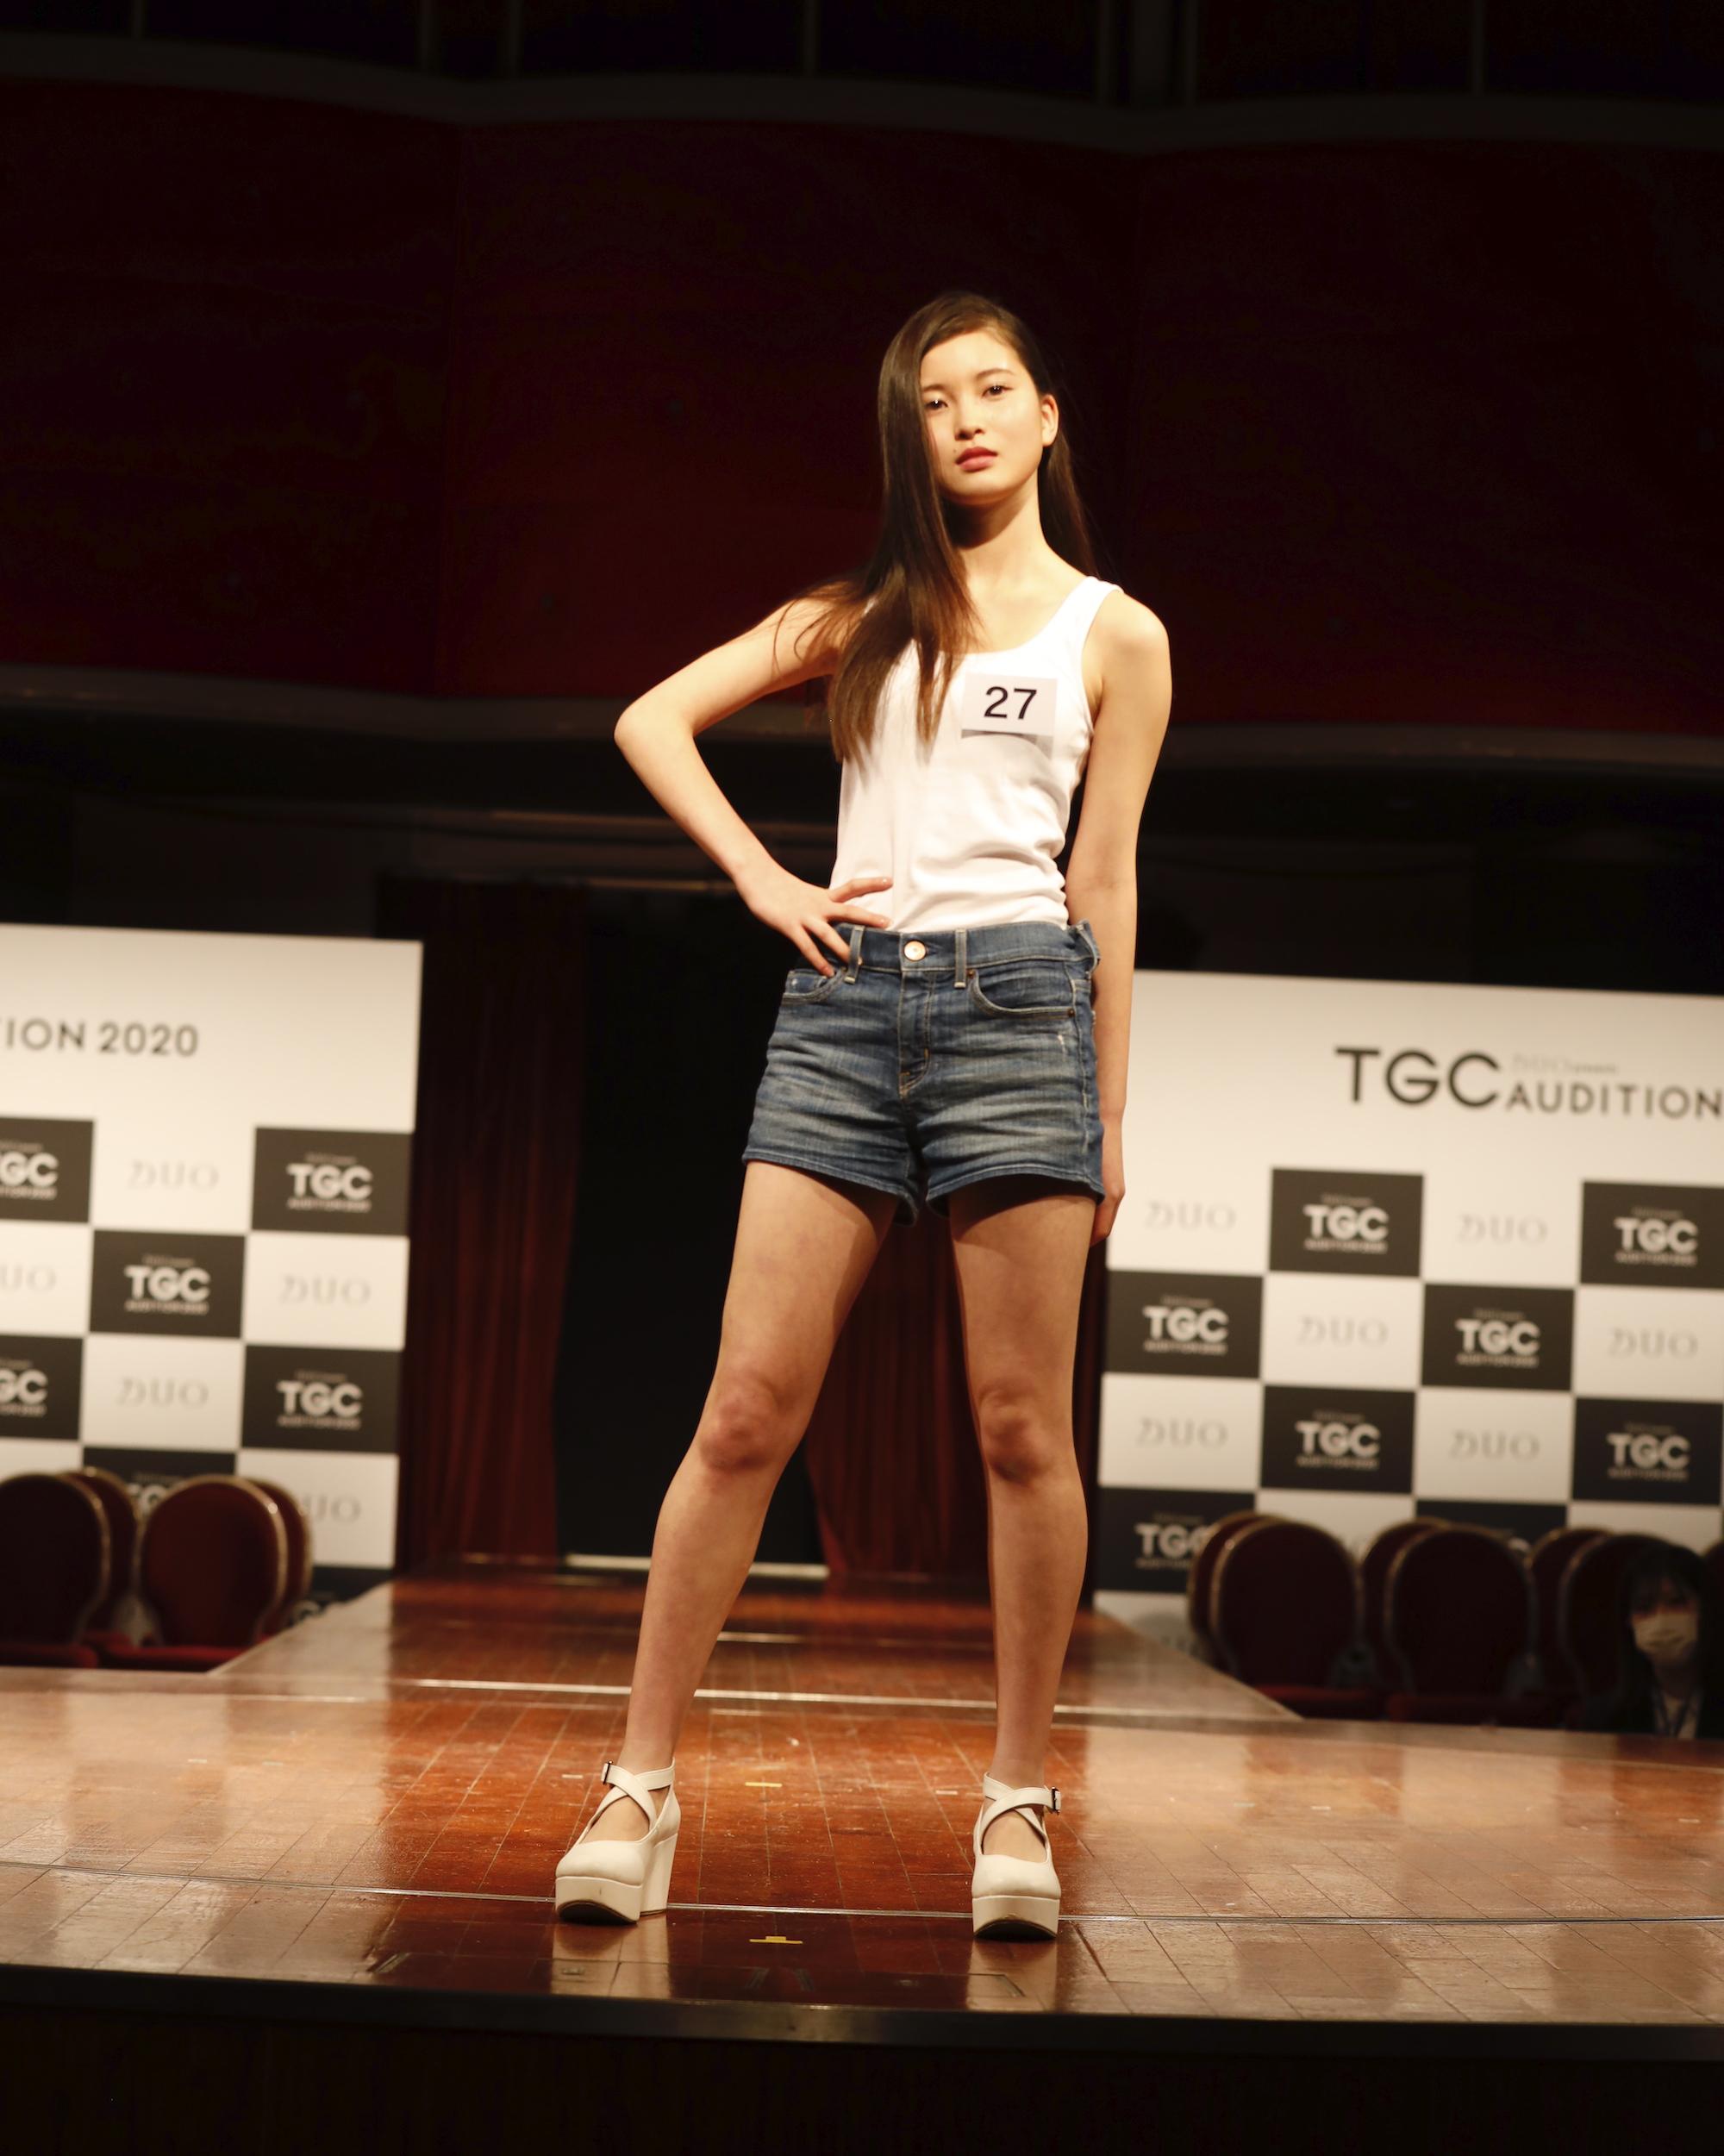 名波美海/2020年2月9日(日)、東京・品川プリンスホテル クラブeXにて開催された『DUO presents TGC AUDITION 2020』の公開ドラフト会議にて